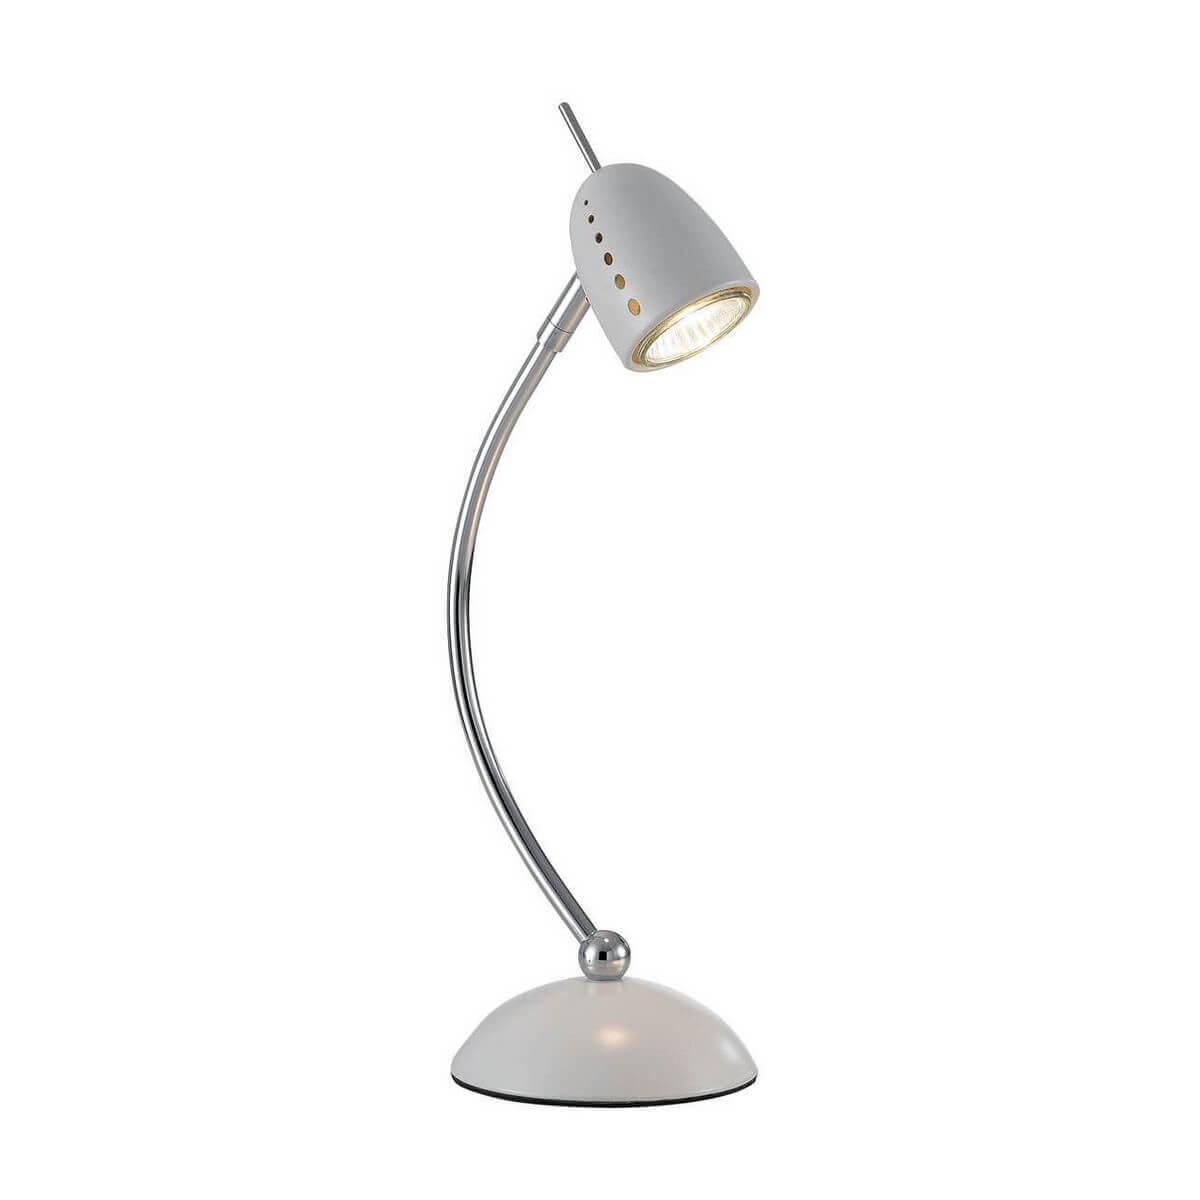 цена на Настольная лампа Markslojd Tobo 413712